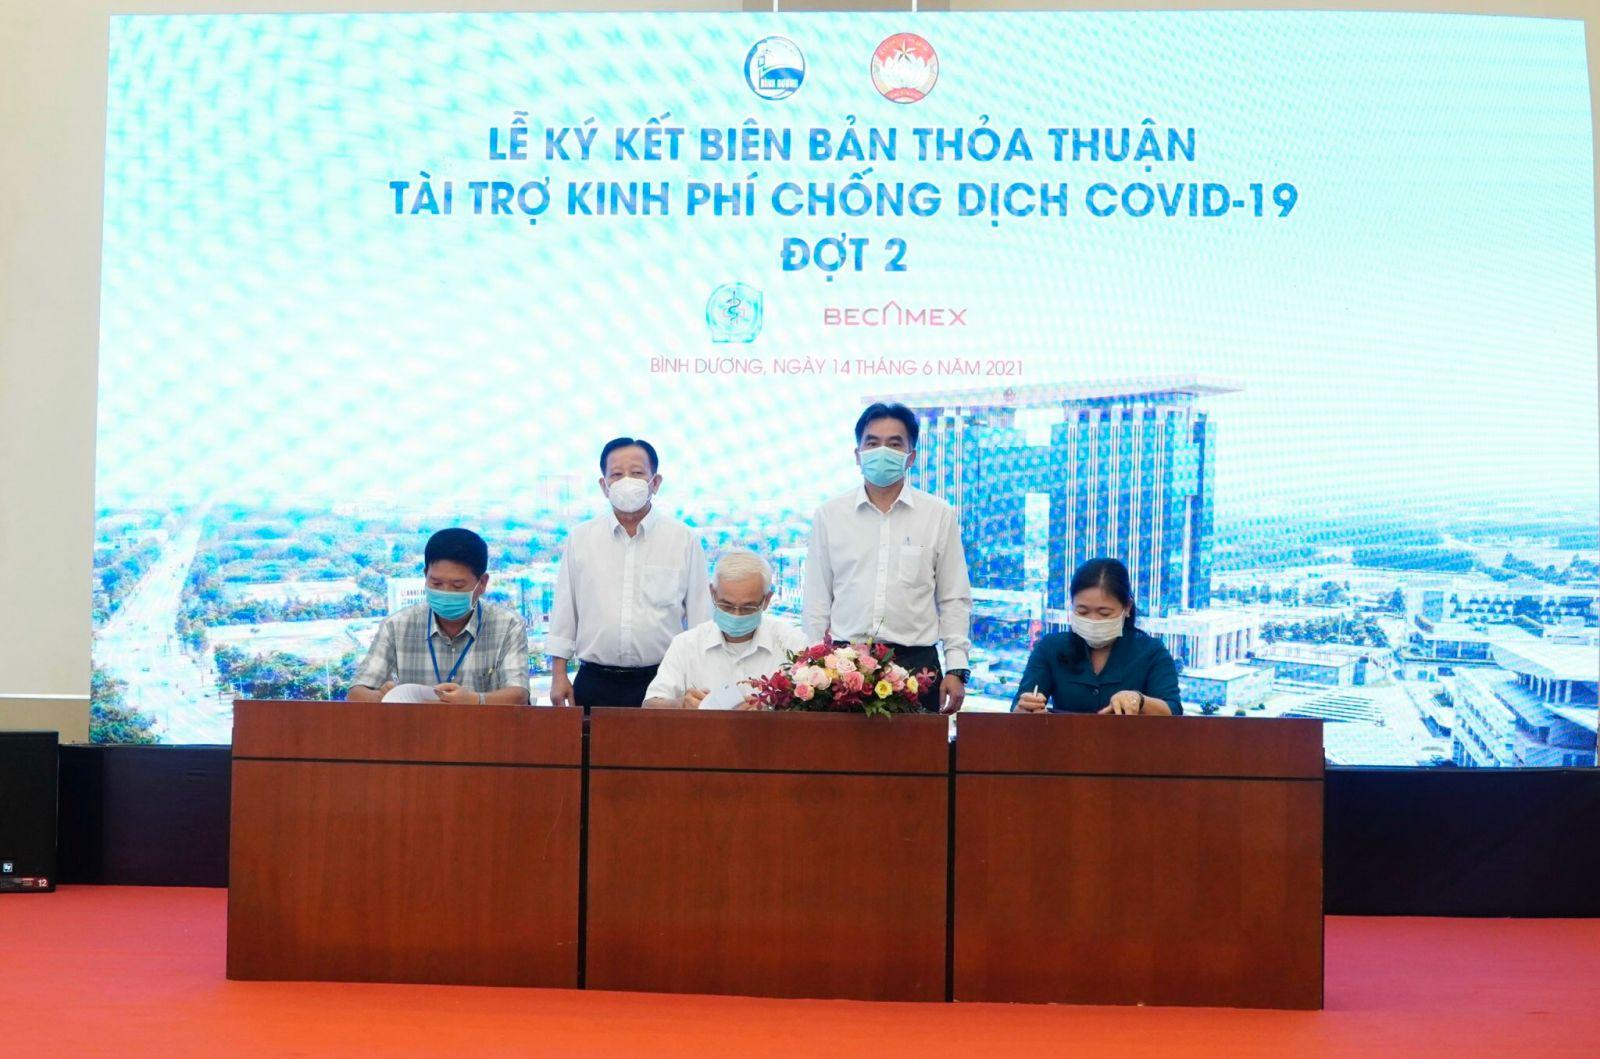 Tổng Công ty Becamex IDC ký kết thỏa thuận tài trợ kinh phí phòng chống dịch Covid-19 với UB.MTTQVN tỉnh và Sở Y tế.